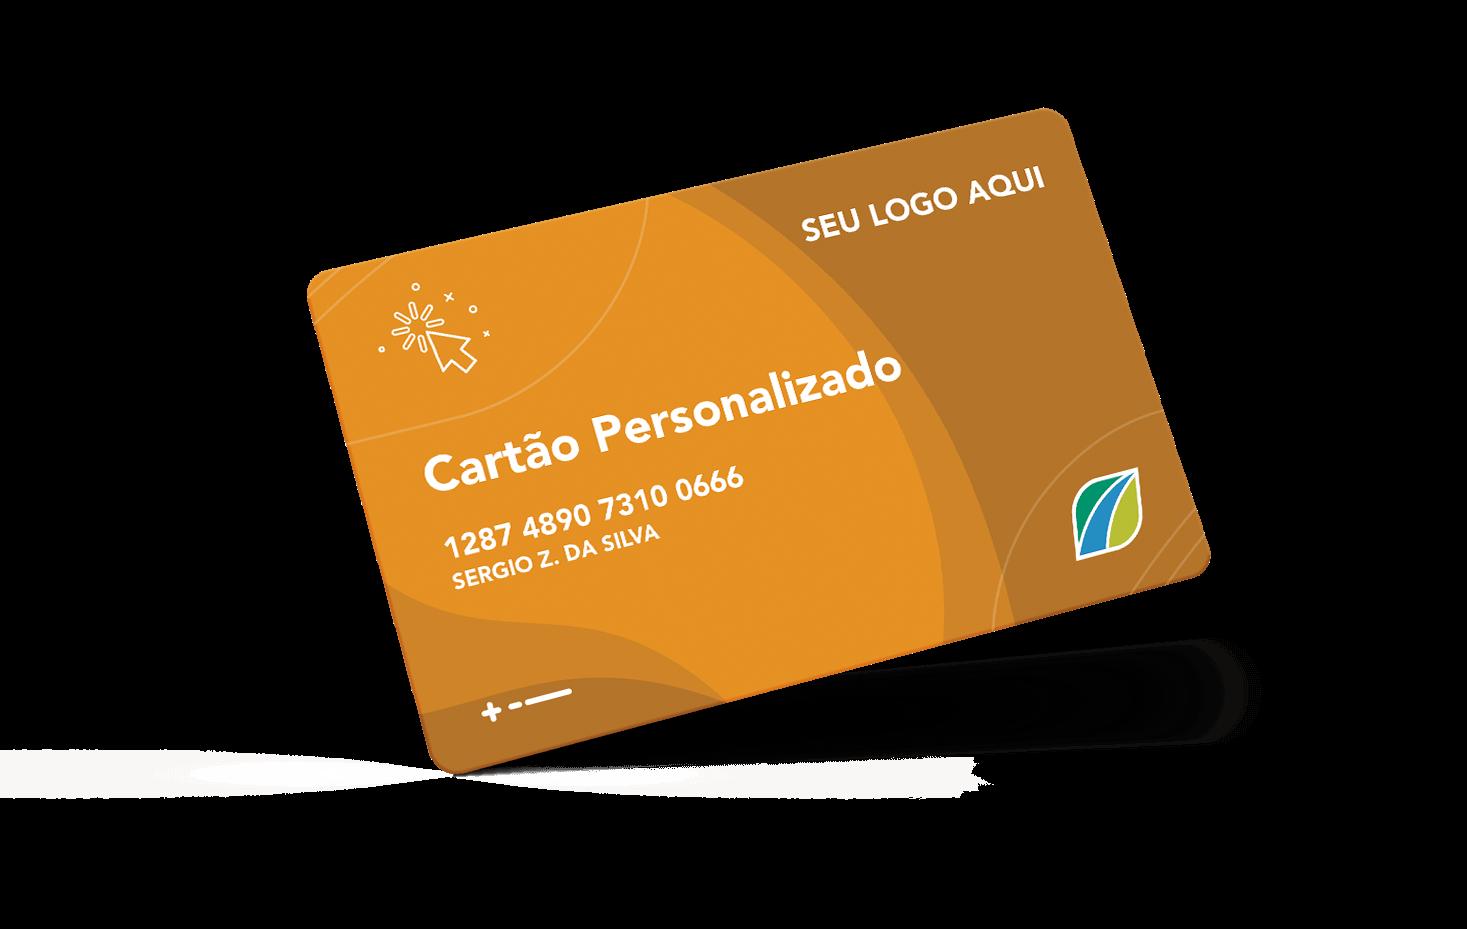 mockup cartão personalizado